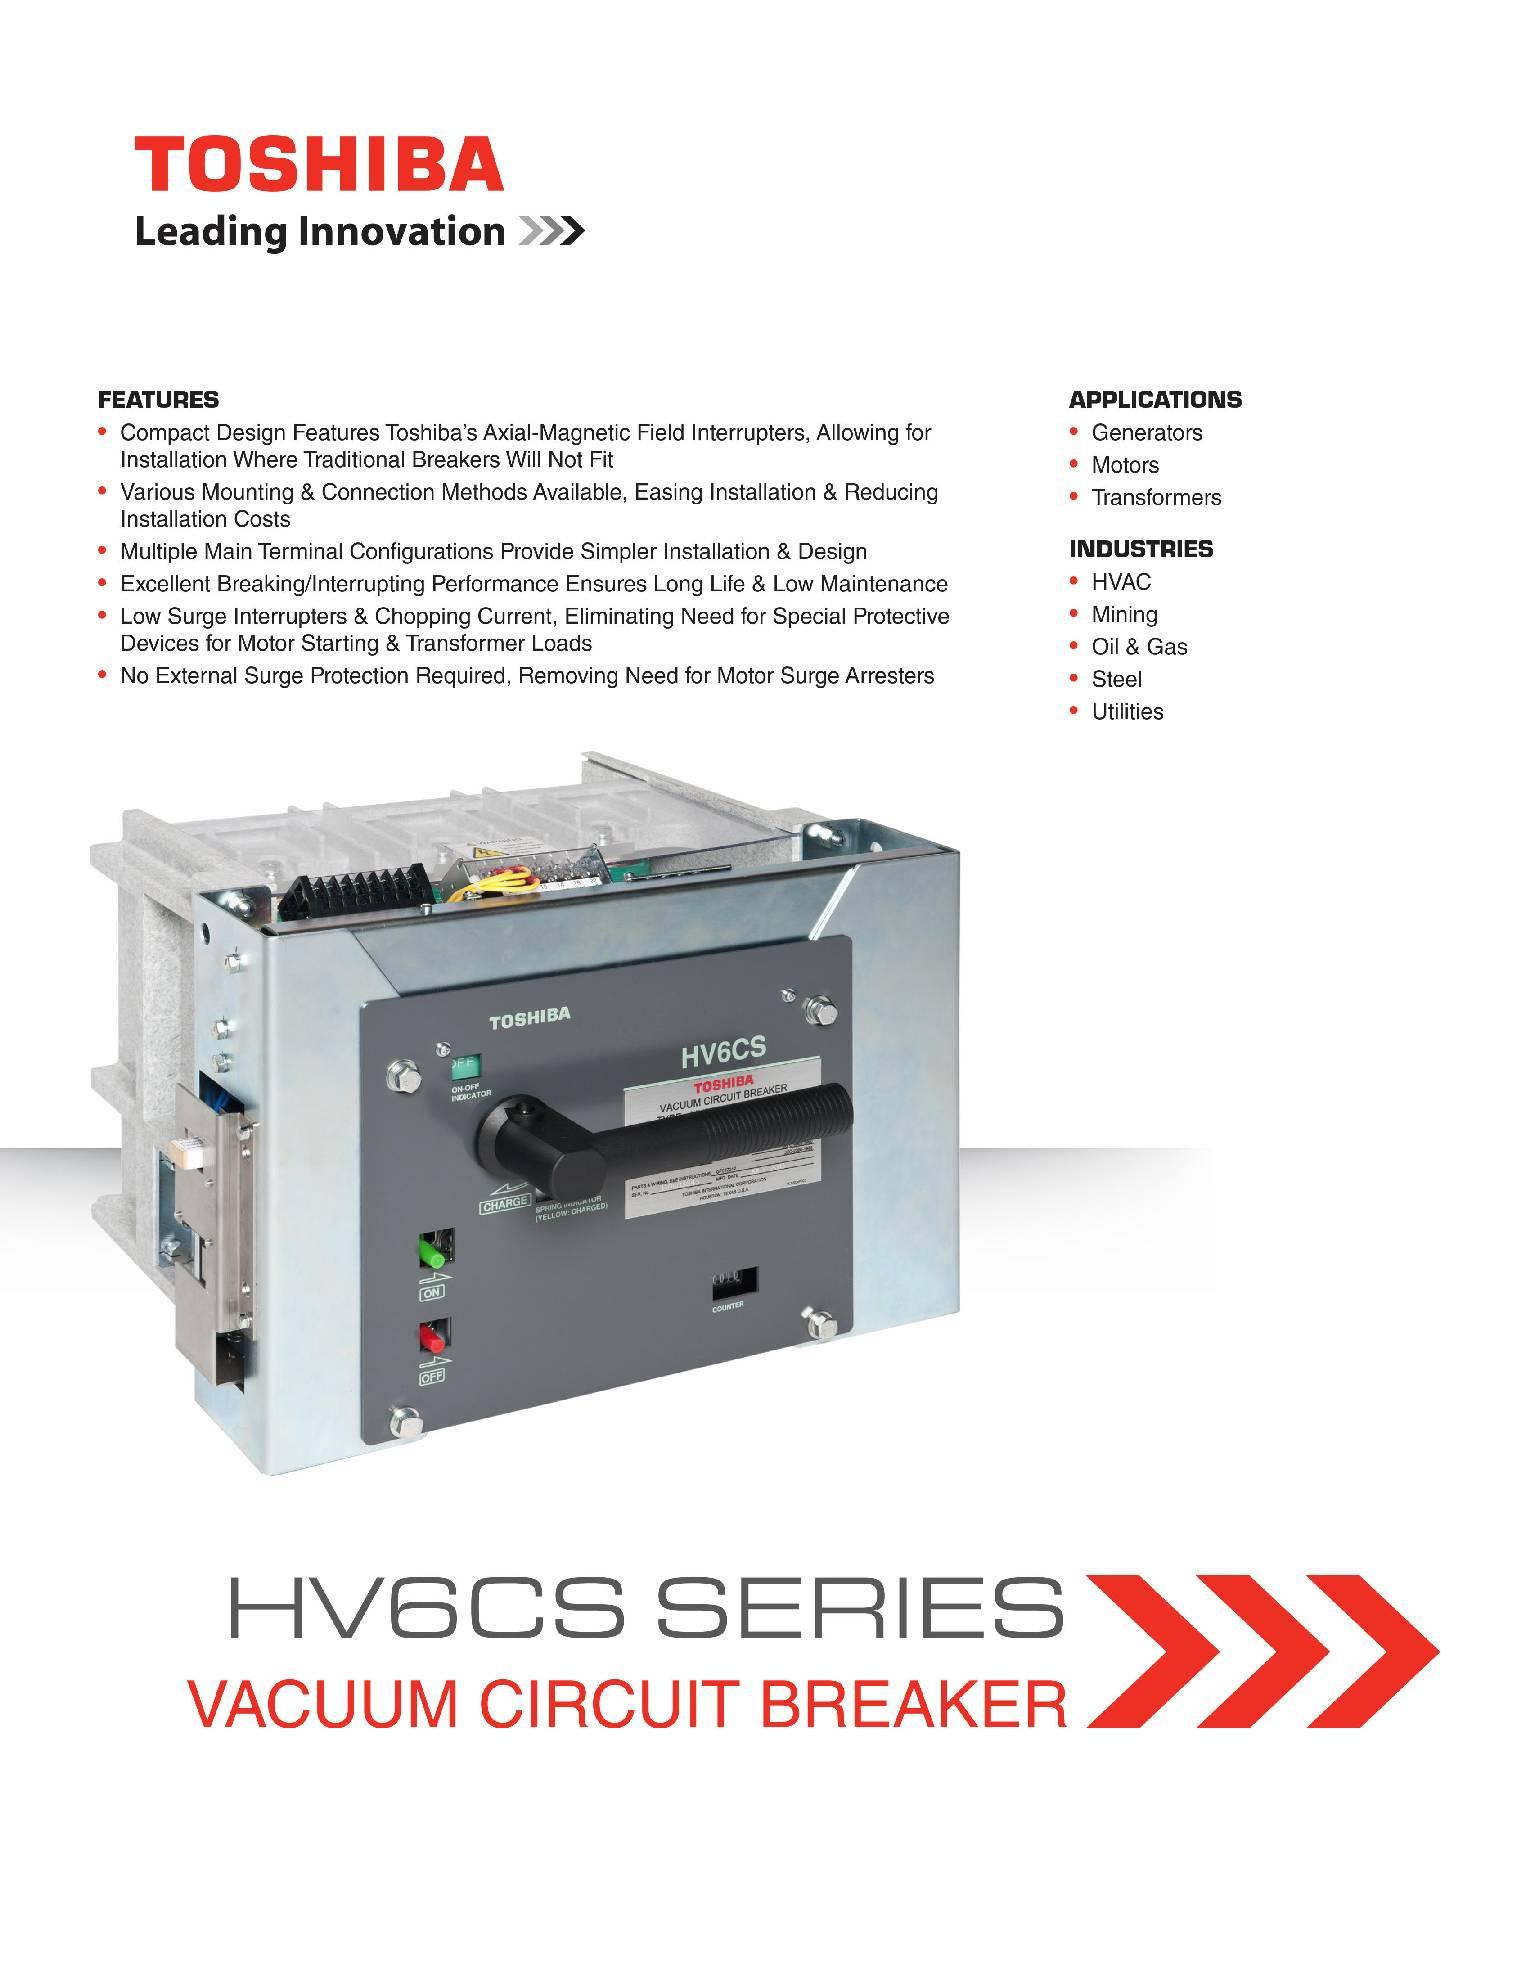 Купить высоковольтные вакуумные выключатели серии HV6CS у единственного официального дилера Toshiba по России и СНГ по лучшему прайсу. Рассчитаны на ток 600 A и нарпяжение от 2.4 до 7.2 кВ, фиксированного и выкатного исполнения с ручным и моторным приводом.